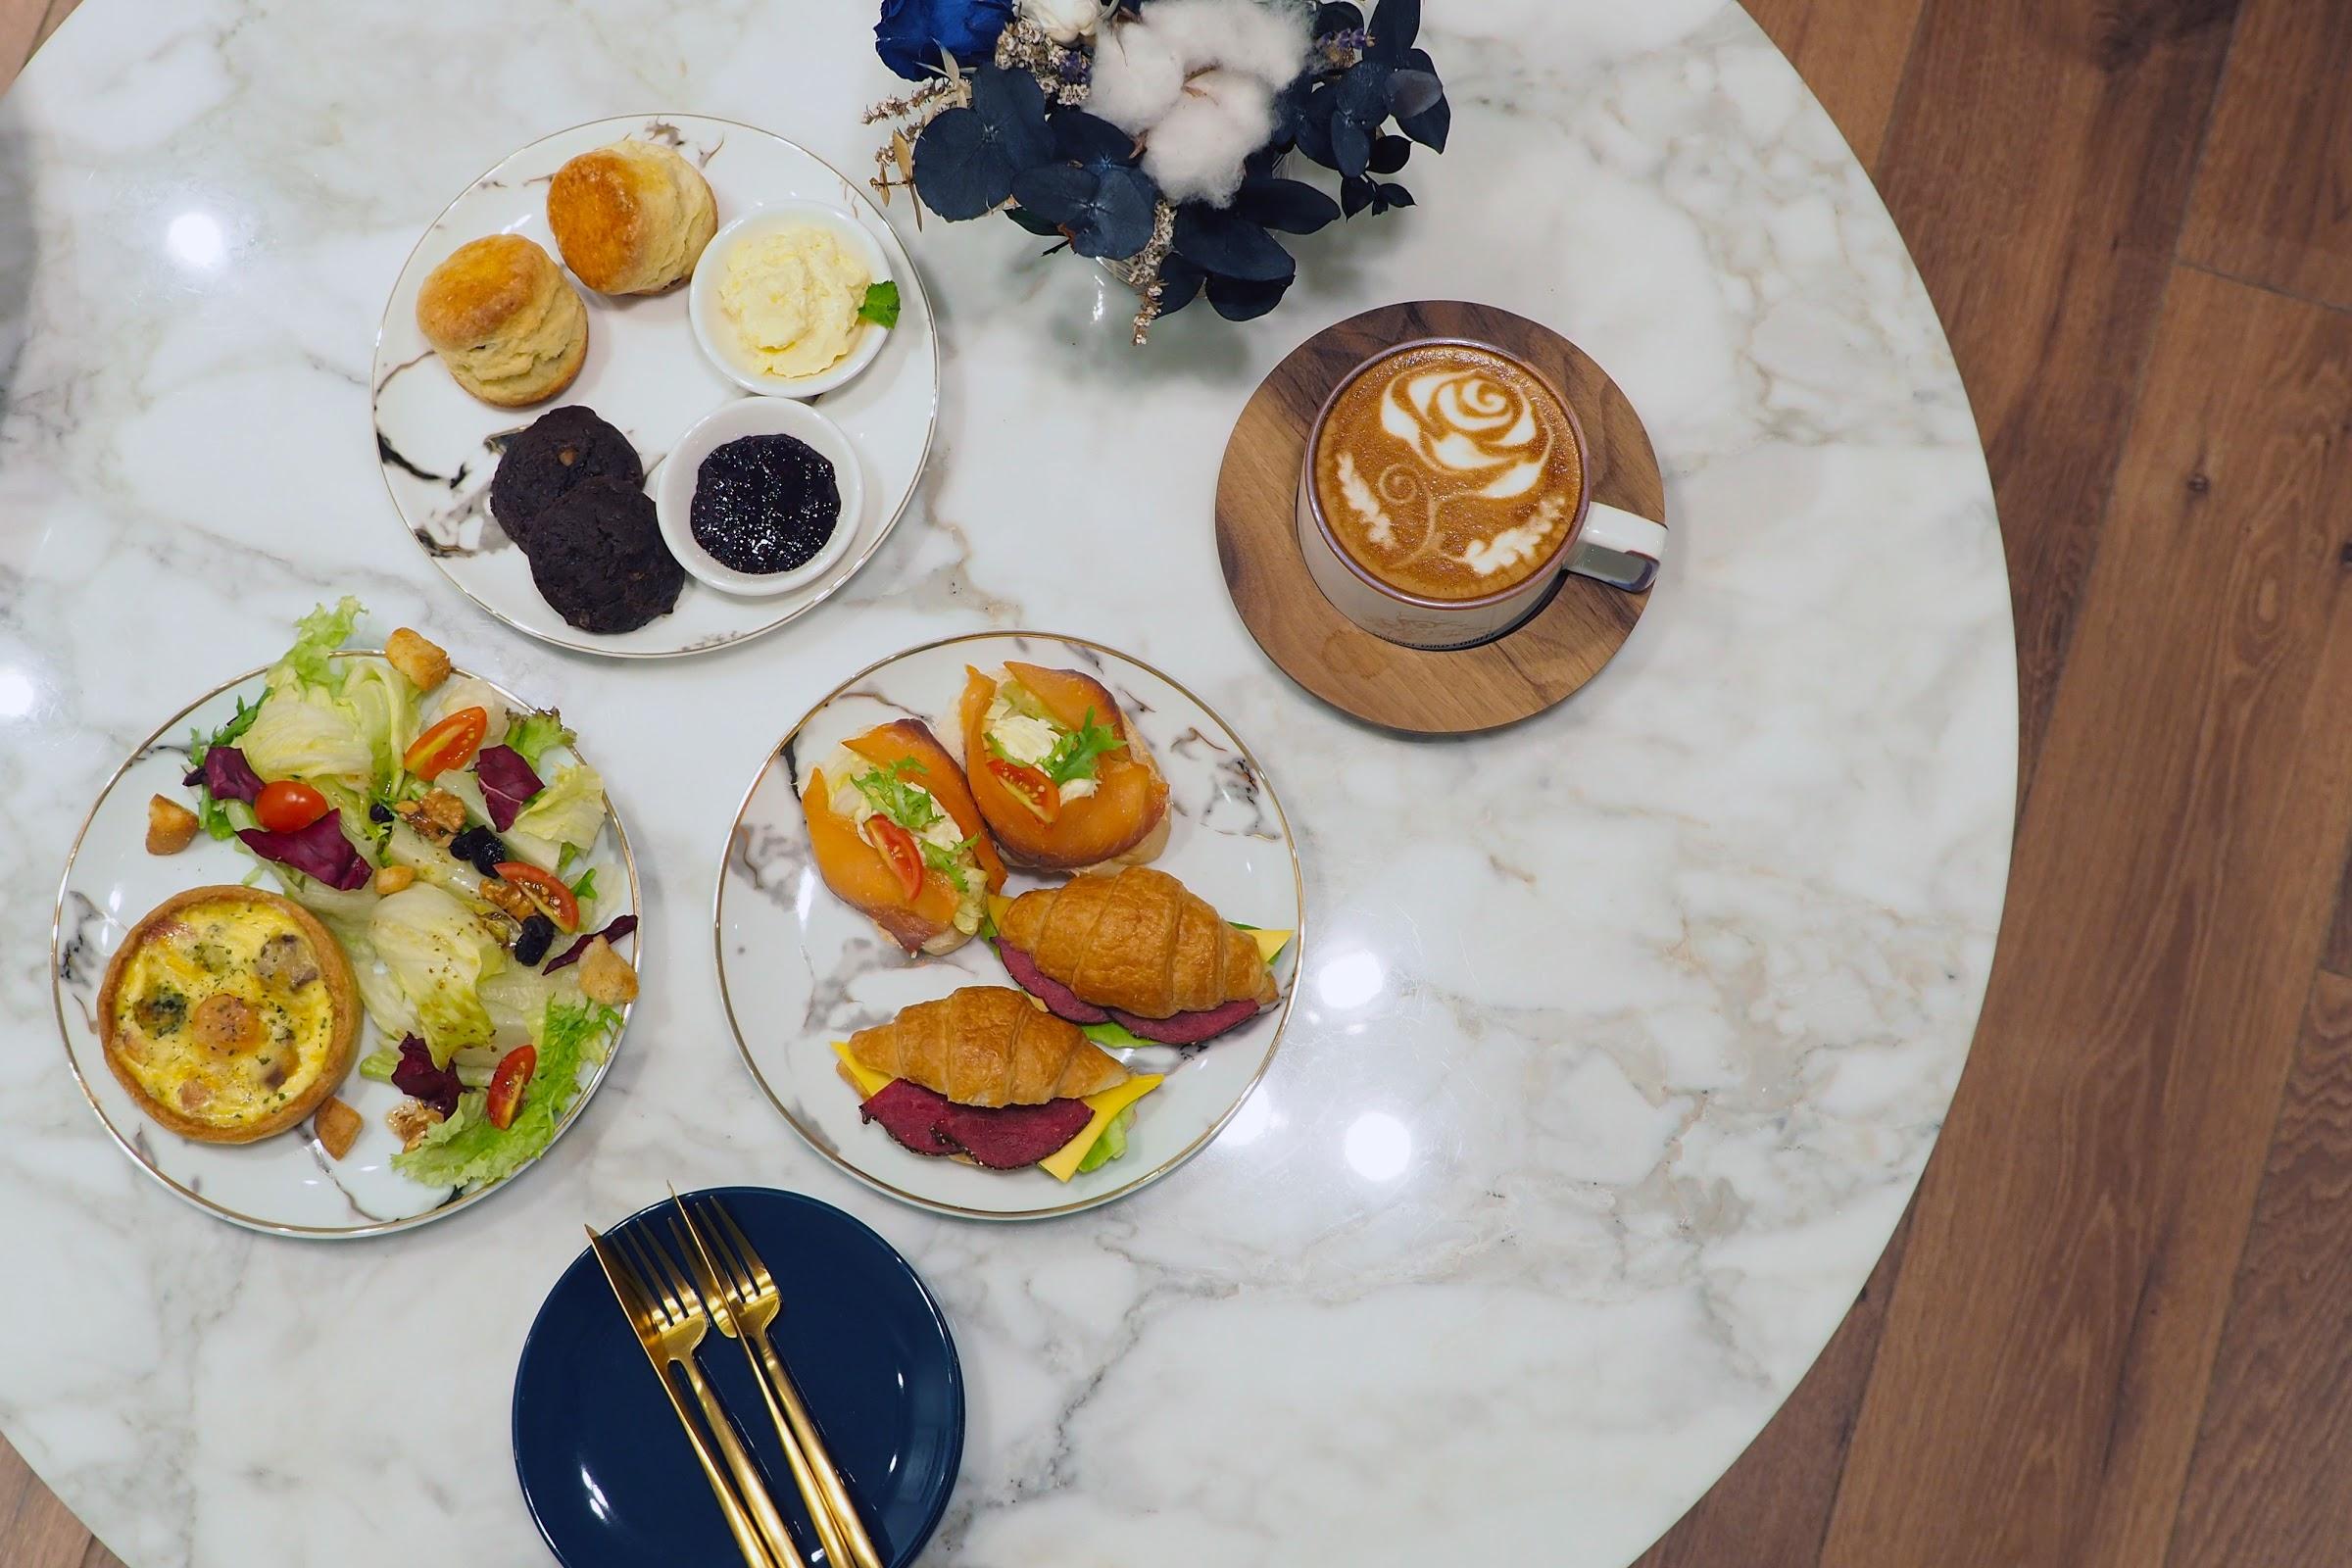 (已歇業)台北咖啡|民生社區靜巷內品嚐三層下午茶 Chubby Bird County 比你想像更講究〖食攝人生事務所〗